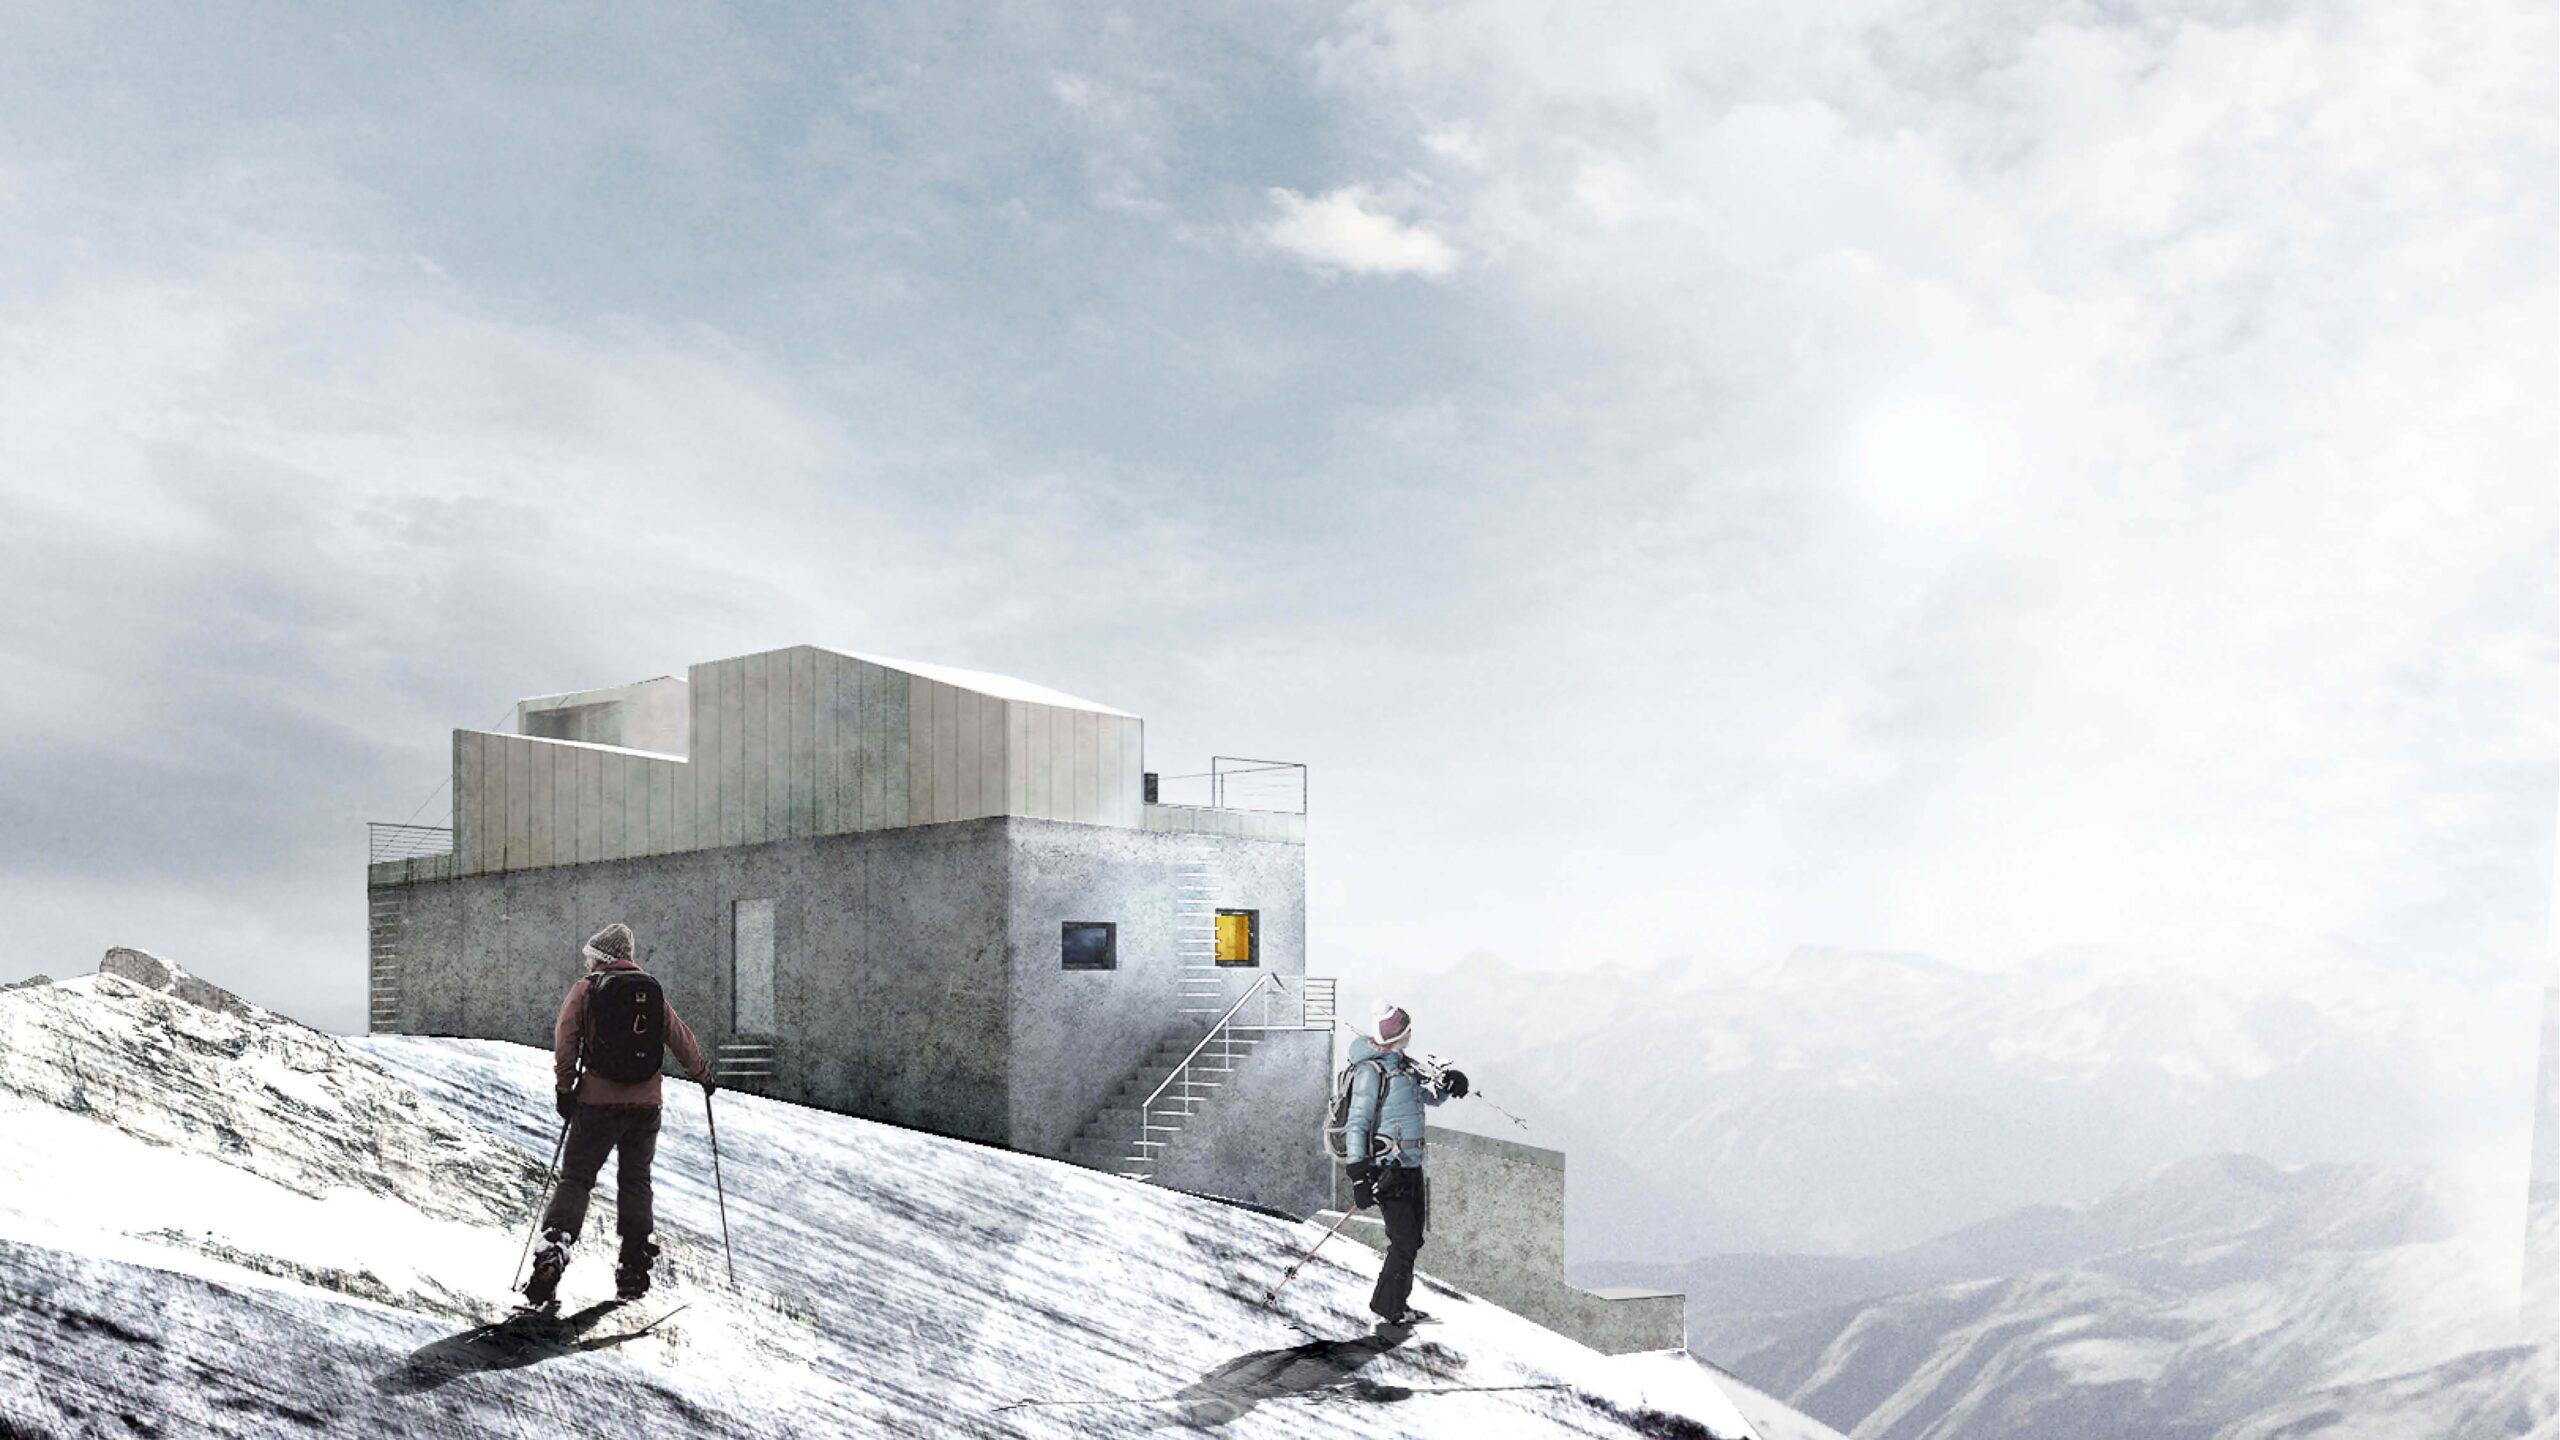 Architektura kryzysu klimatycznego – rewitalizacja opuszczonych ośrodków narciarskich w Alpach